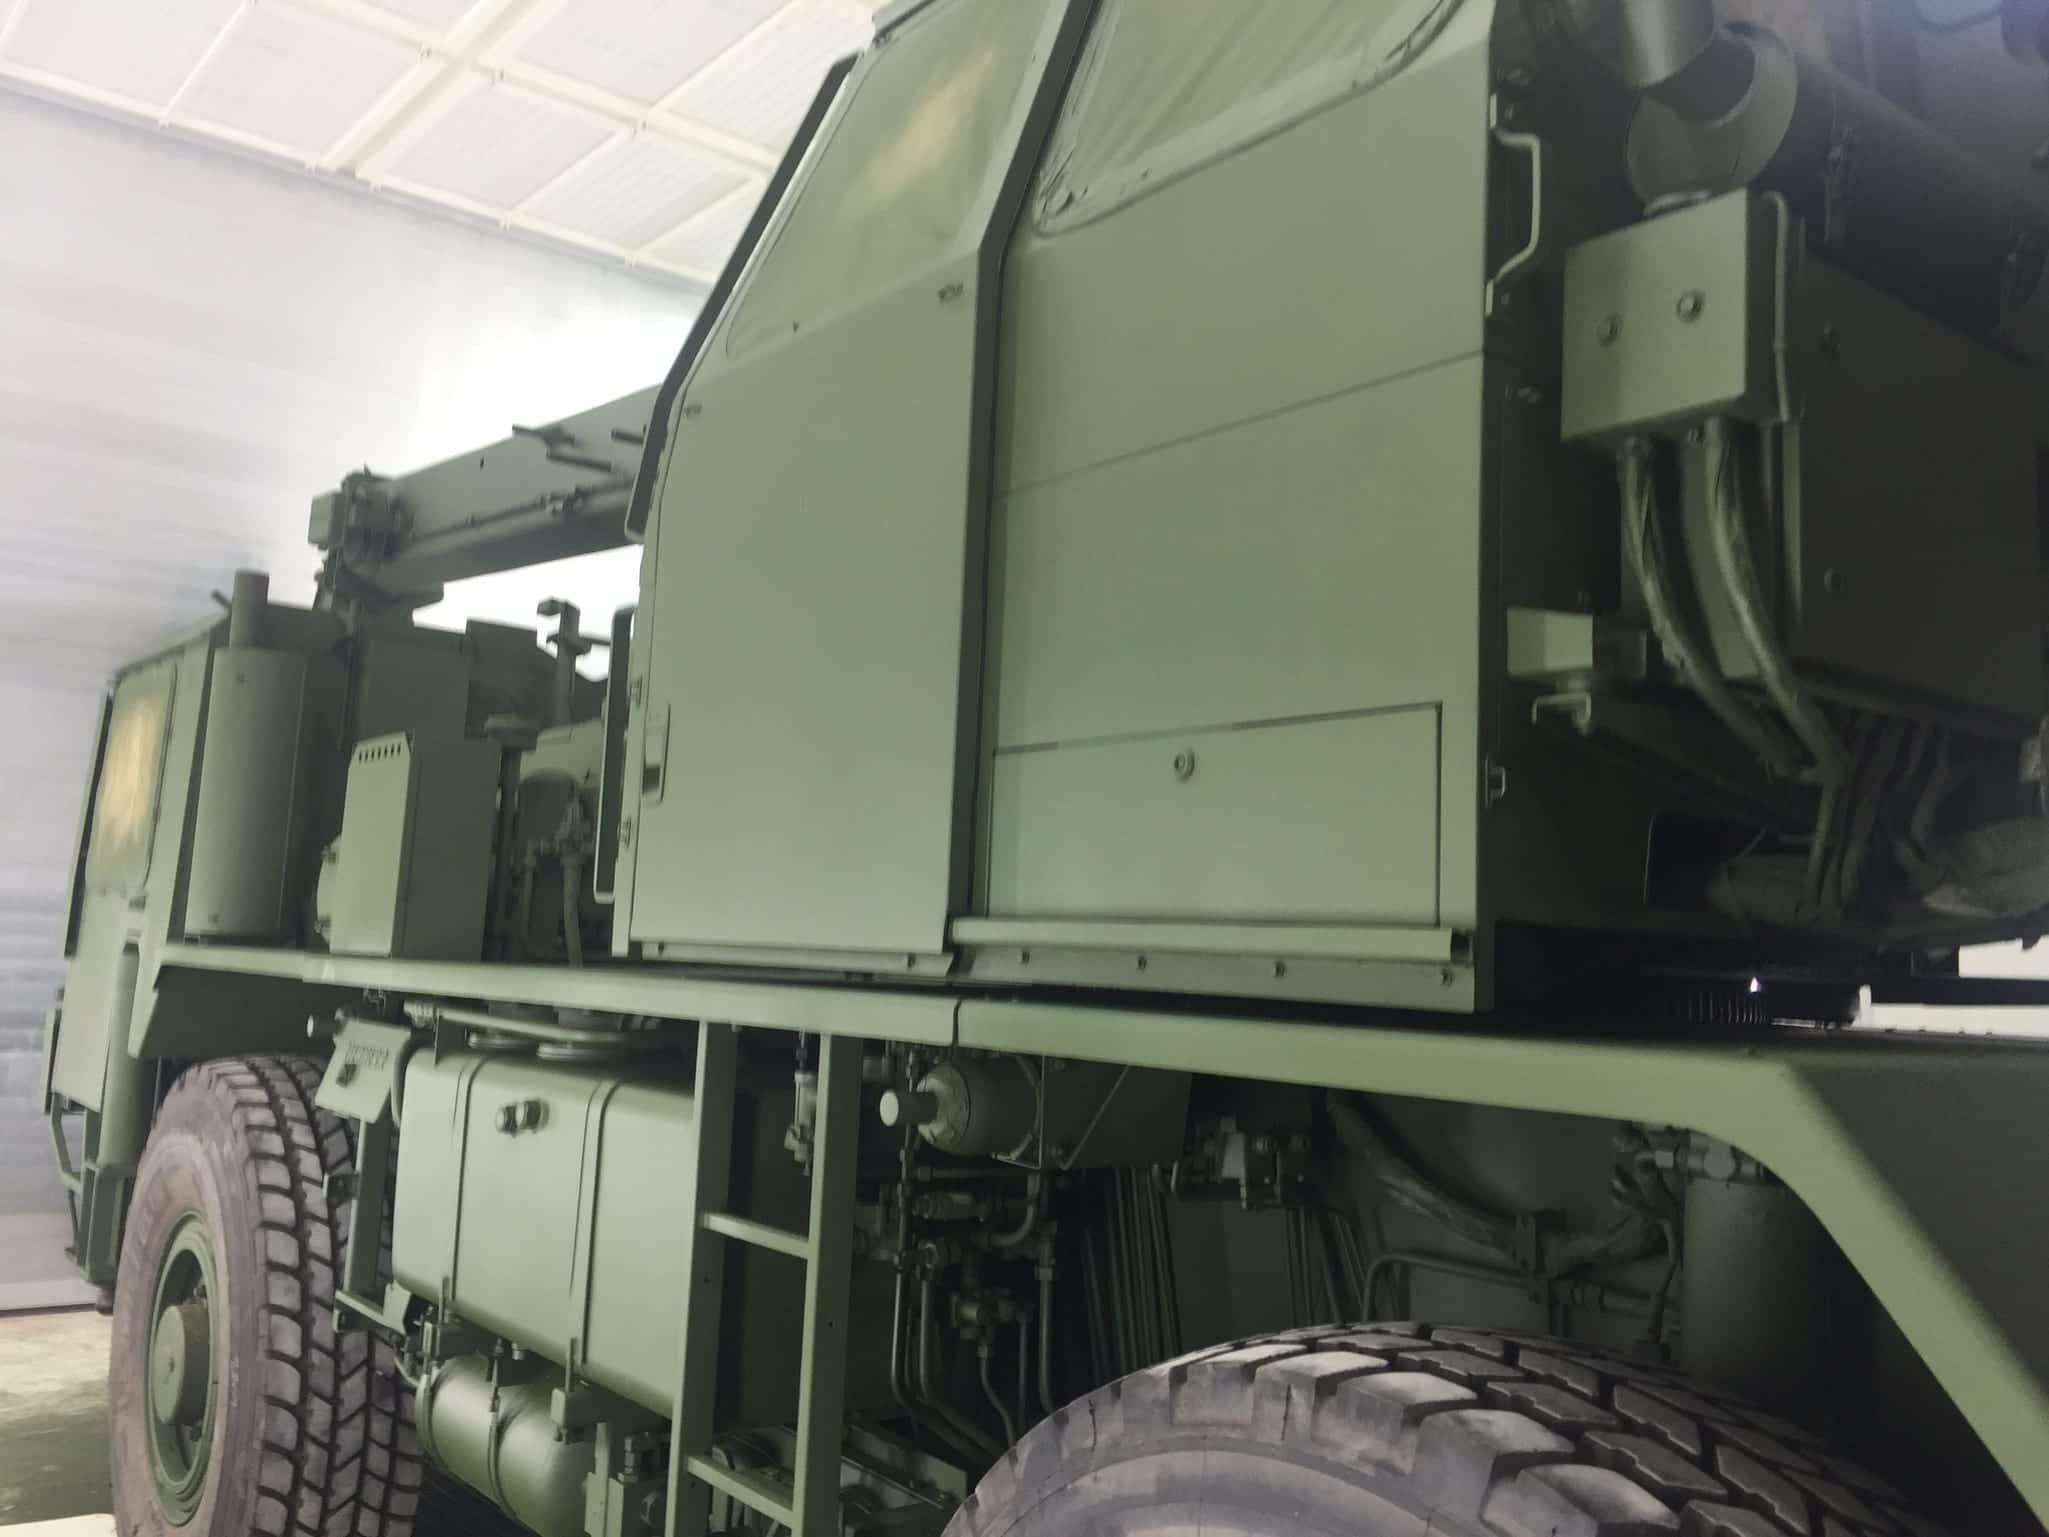 IMG 2558 - Bundeswehr - Lackieren eines Kranwagens